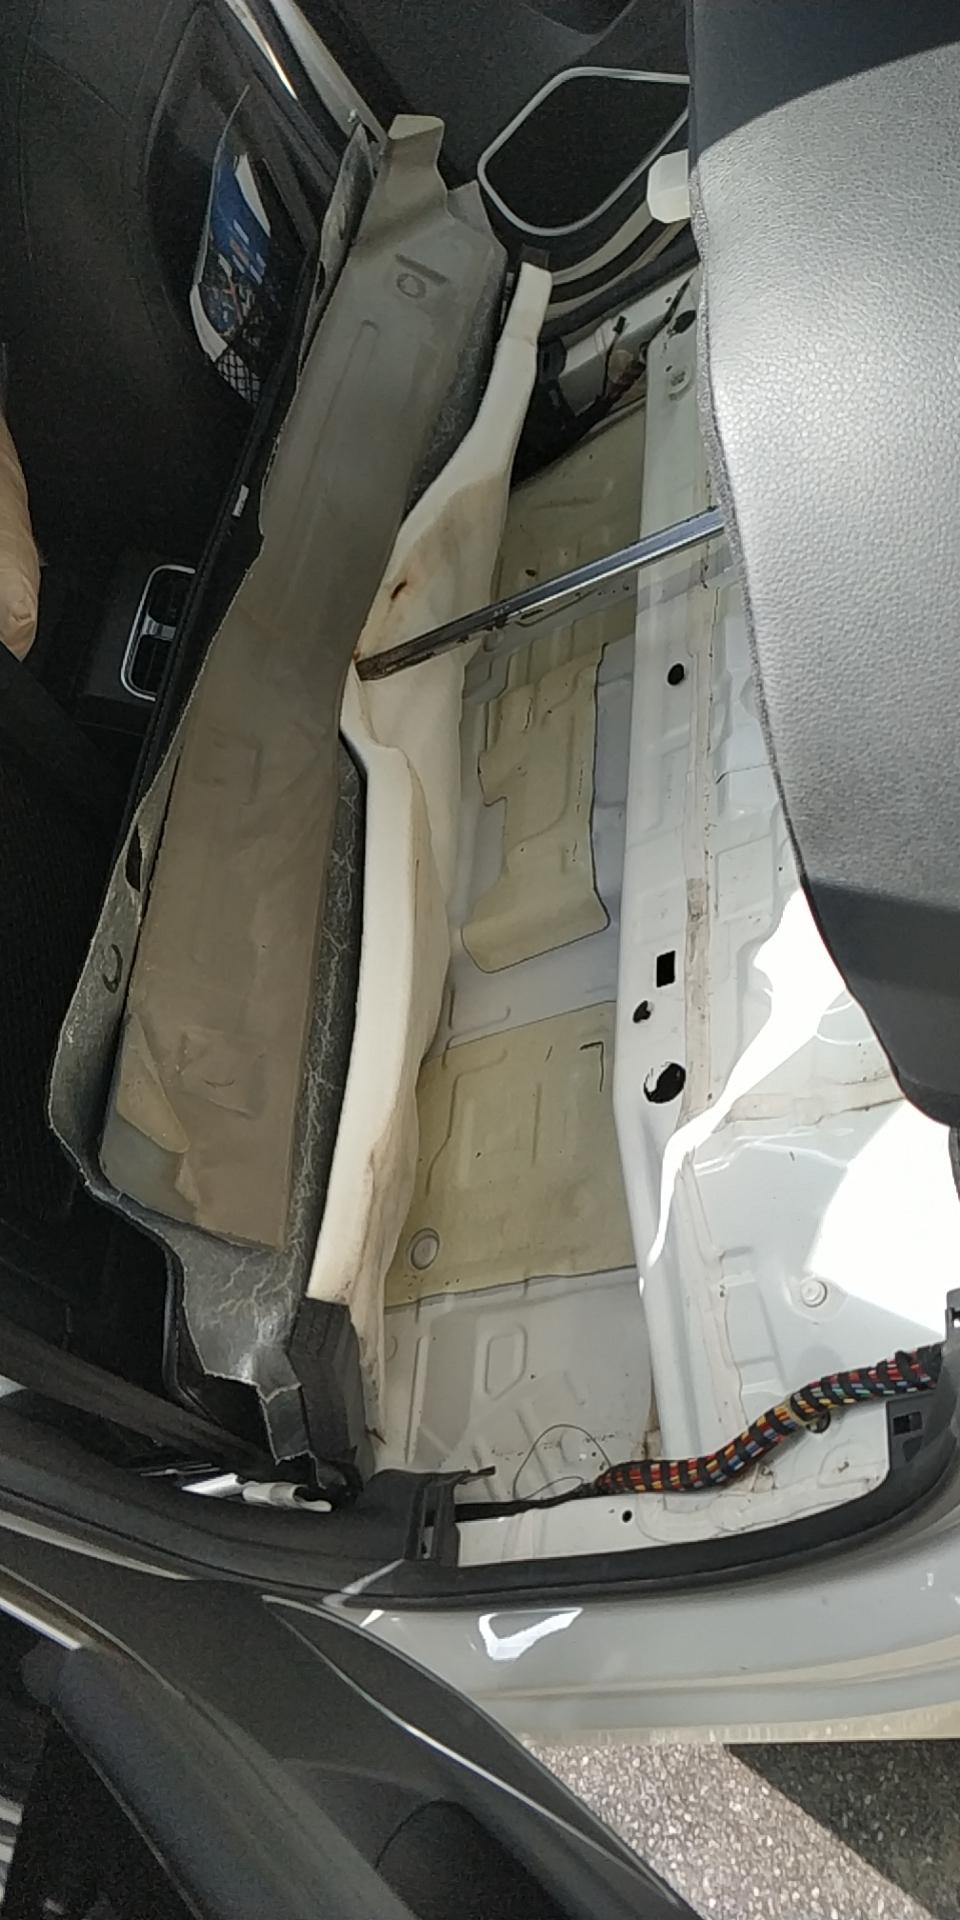 哈弗汽车H6 Coupe天窗排水管堵塞,导致备胎槽及车身内出现积水